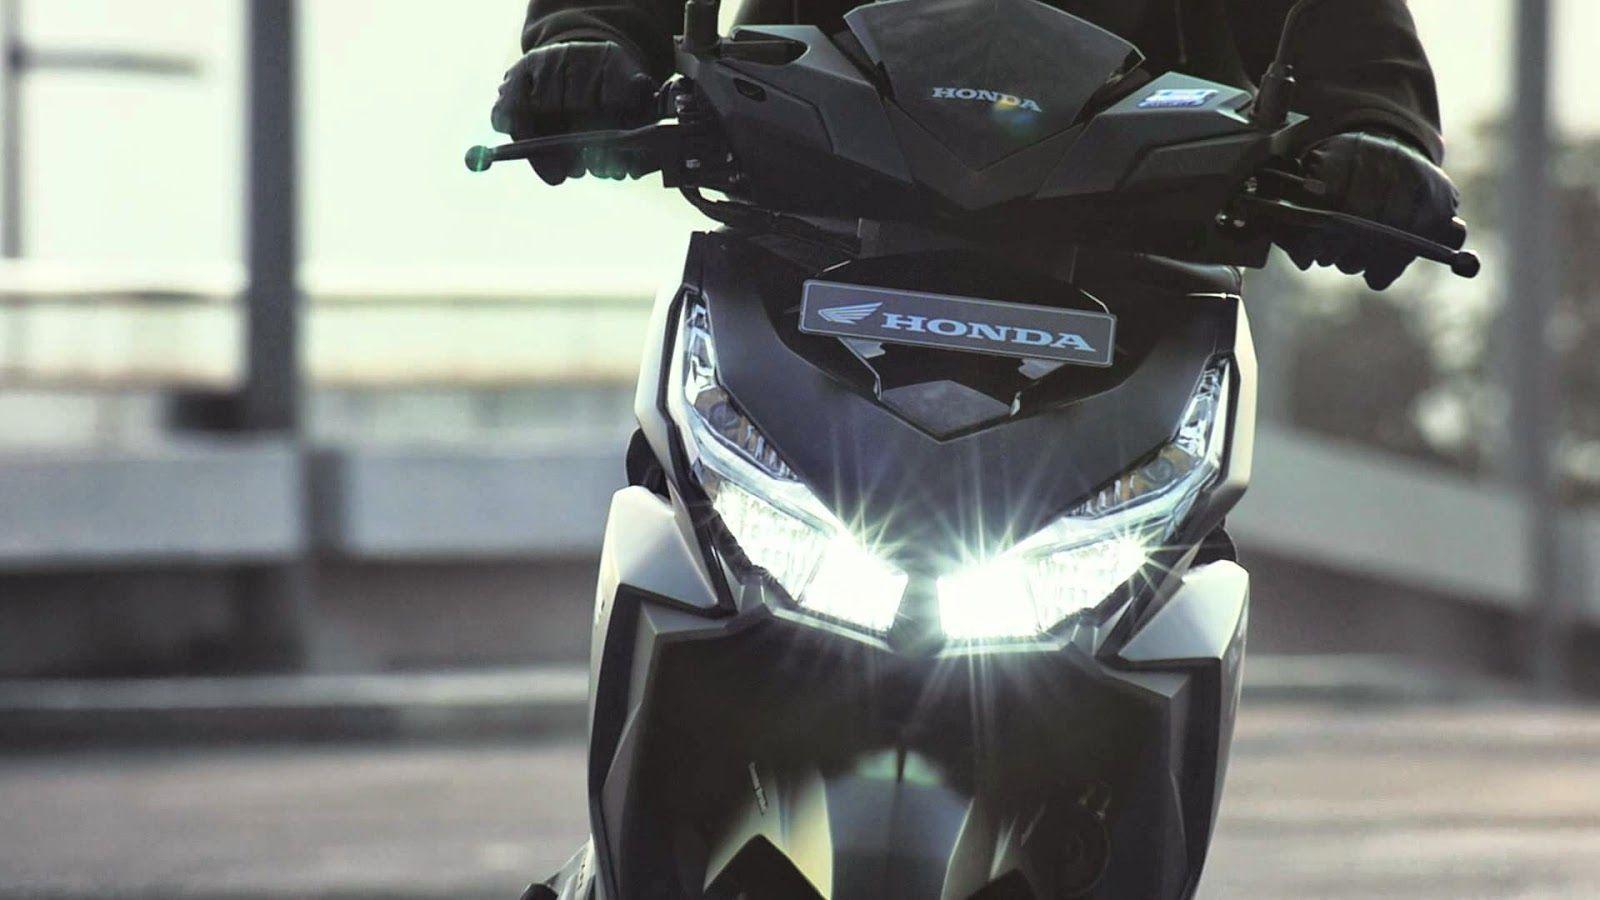 Harga Honda Vario 150 Espjpg 1600900 Vario 150 Pinterest